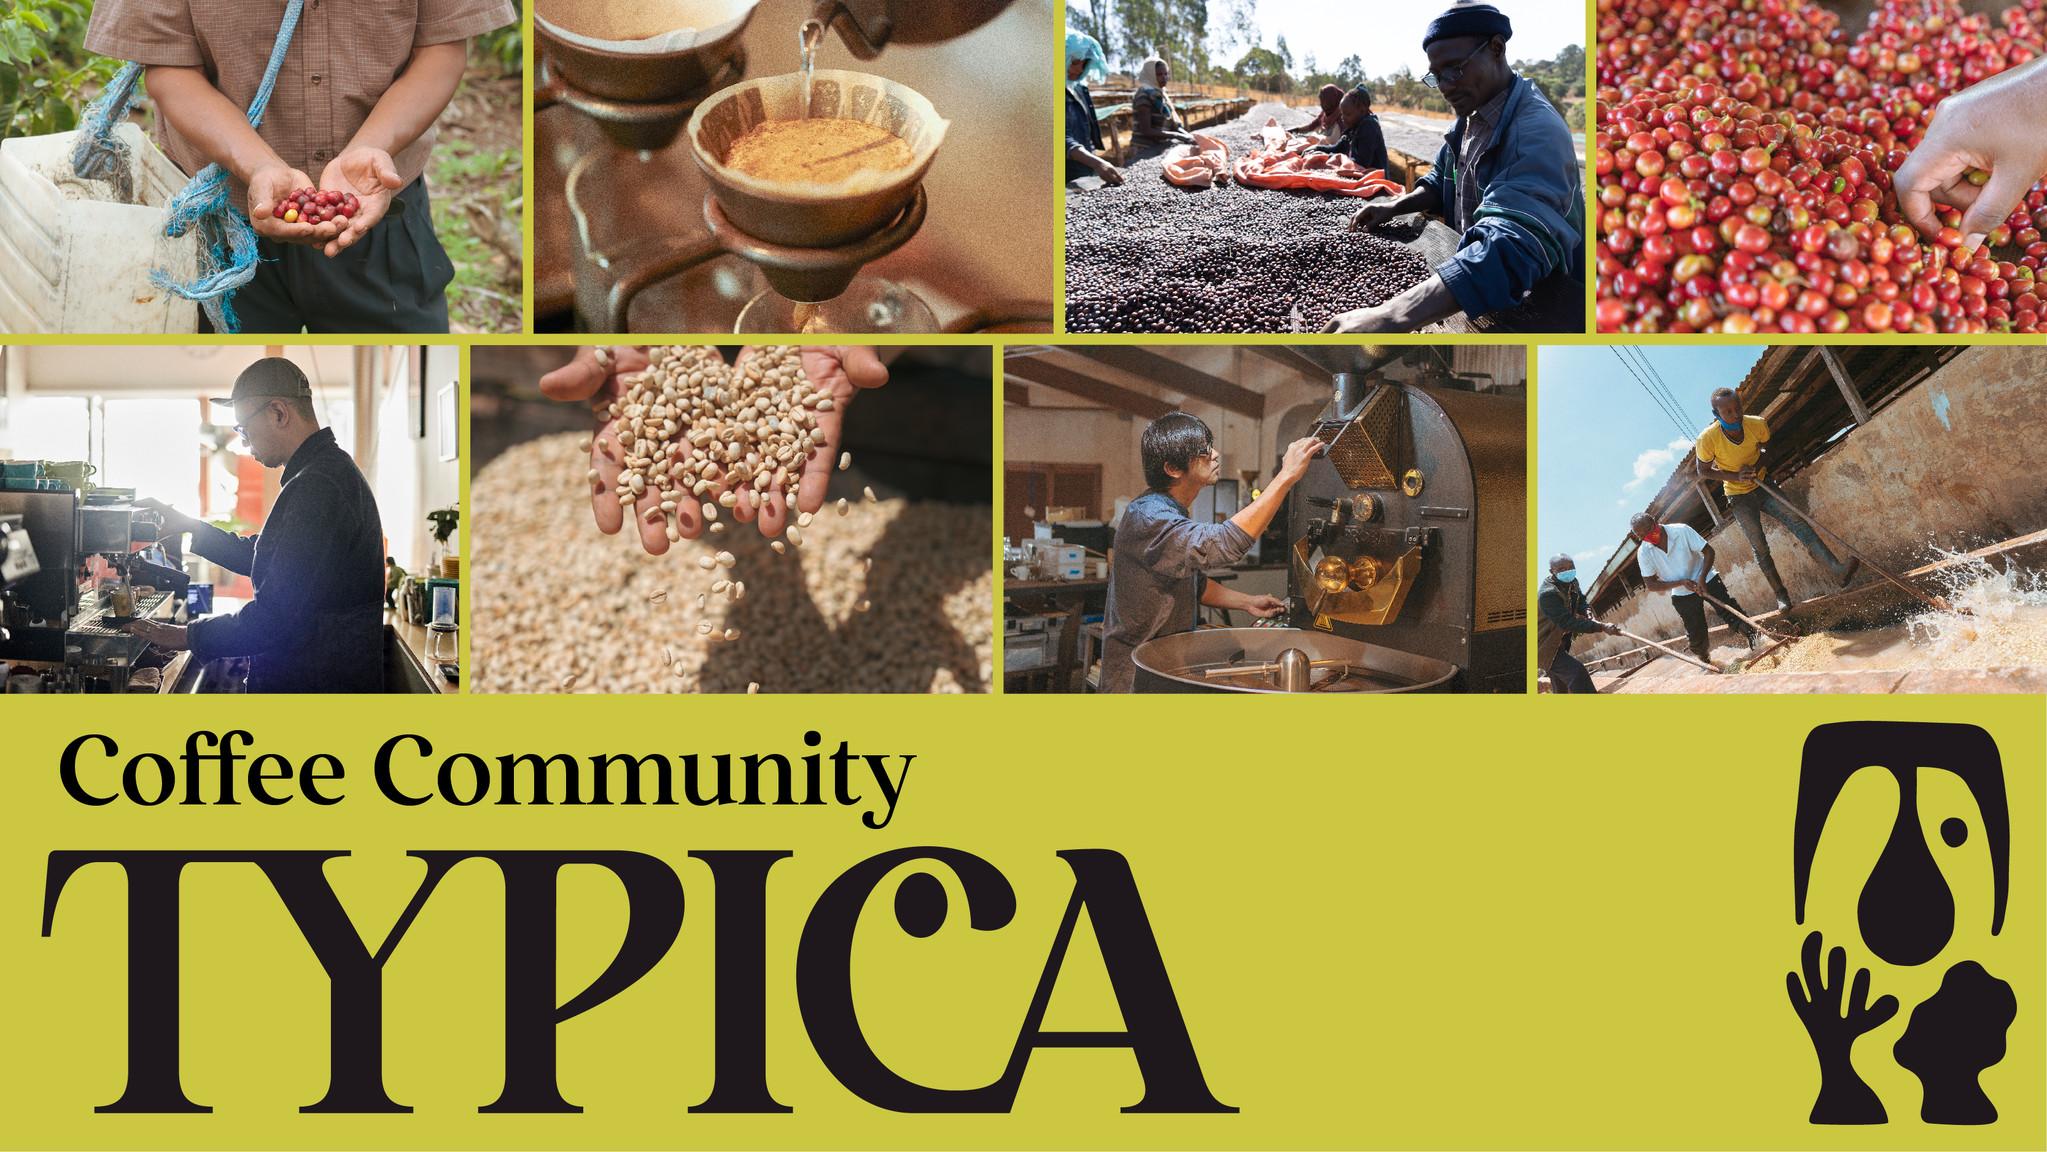 コーヒー生豆流通のDXを加速!世界初のオンラインプラットフォームTYPICA(ティピカ)が本格ローンチ。コーヒー生産者とロースターによる、麻袋一袋単位でのコーヒー生豆ダイレクトトレードが可能に。